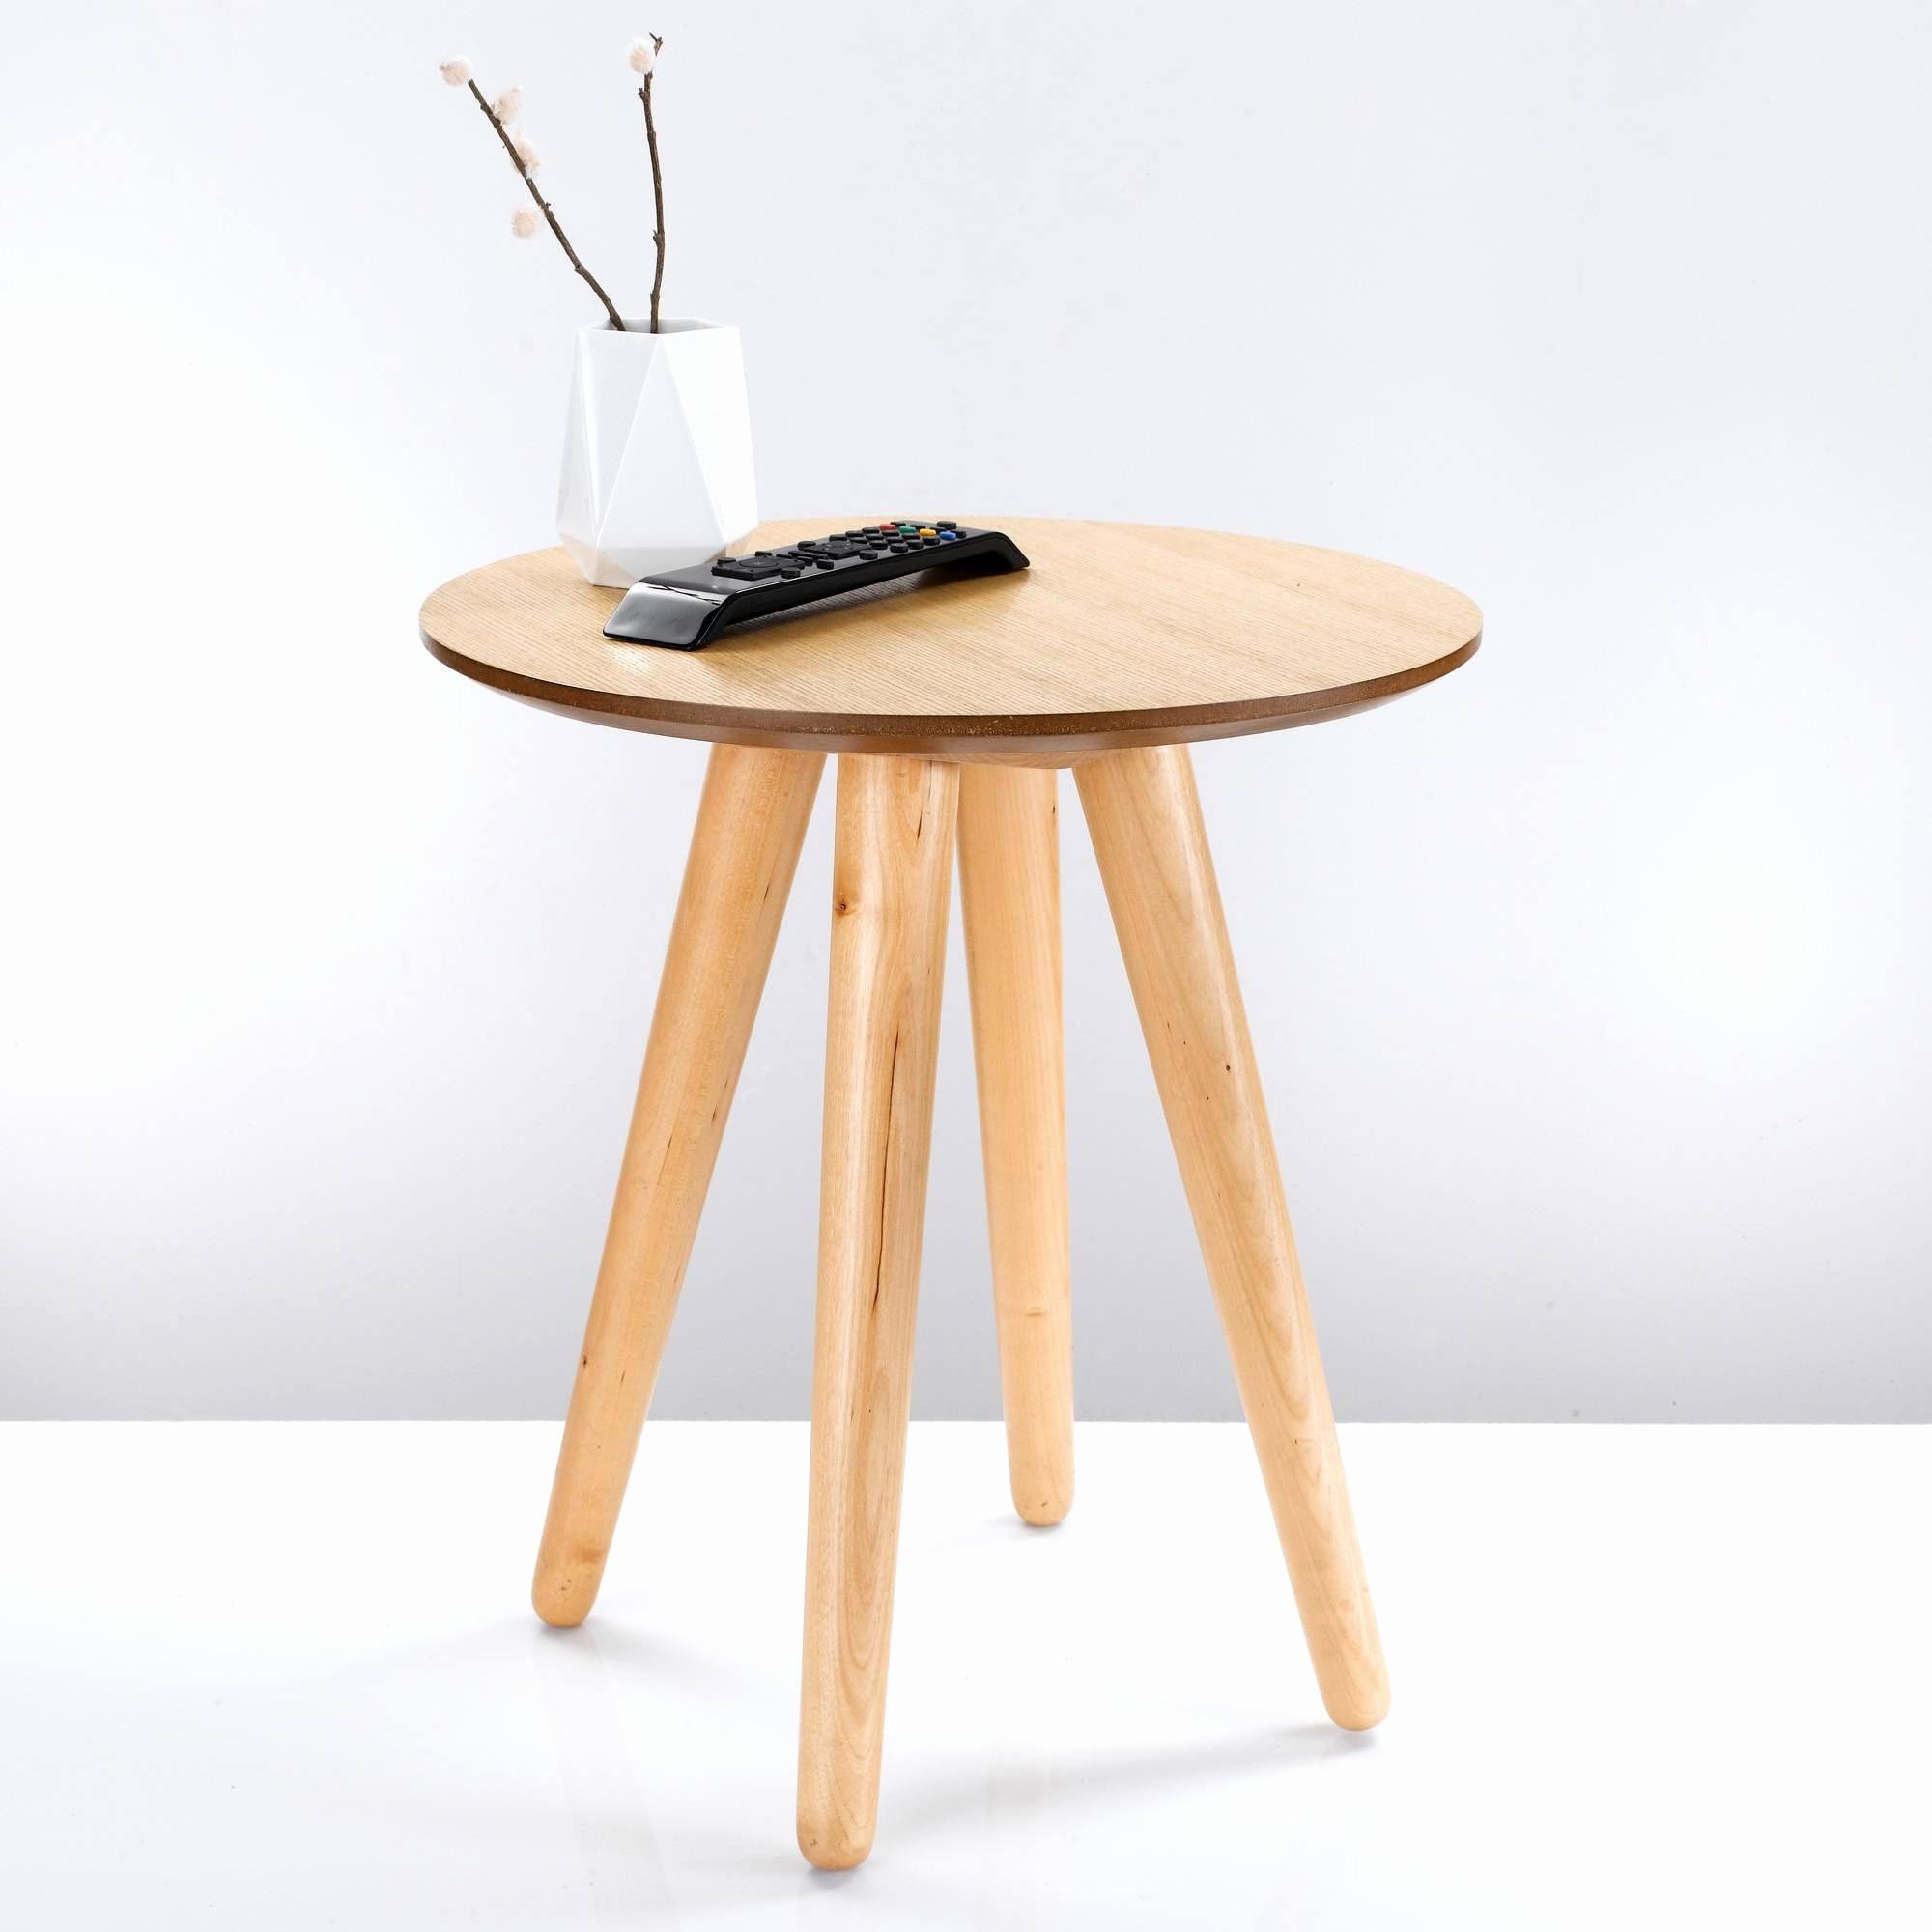 Alinea Fauteuil Jardin Frais Photographie Table Alinea Extensible Unique Table Extensible Table Extensible